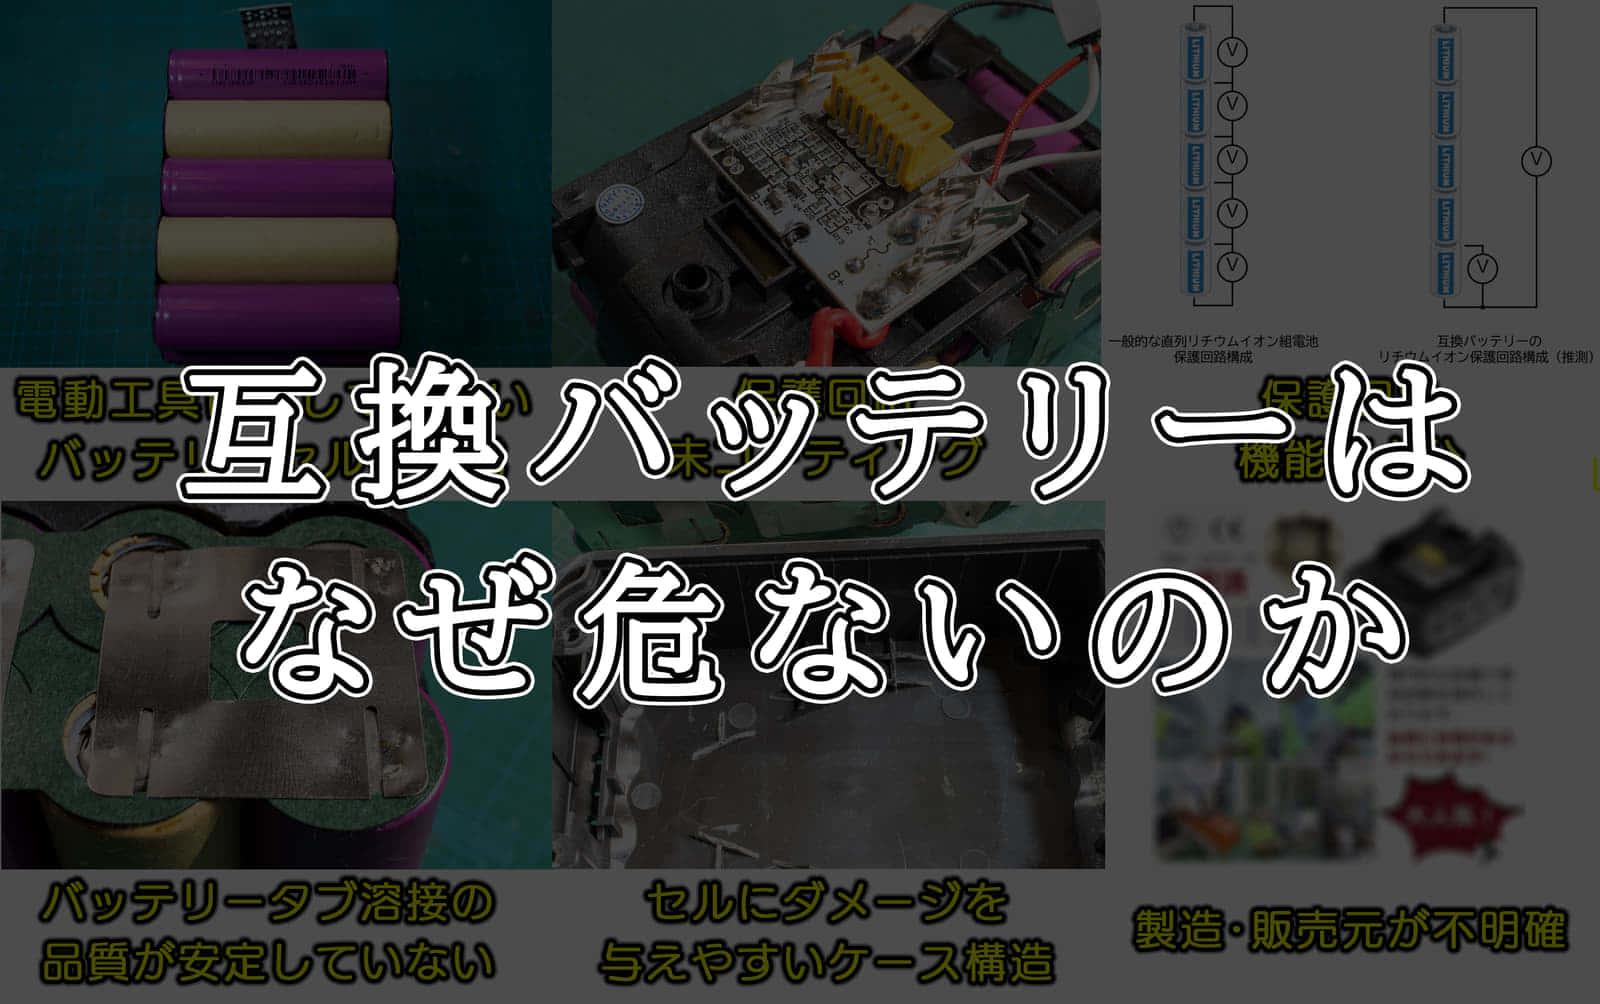 独立行政法人nite 非純正バッテリーの使用に注意喚起